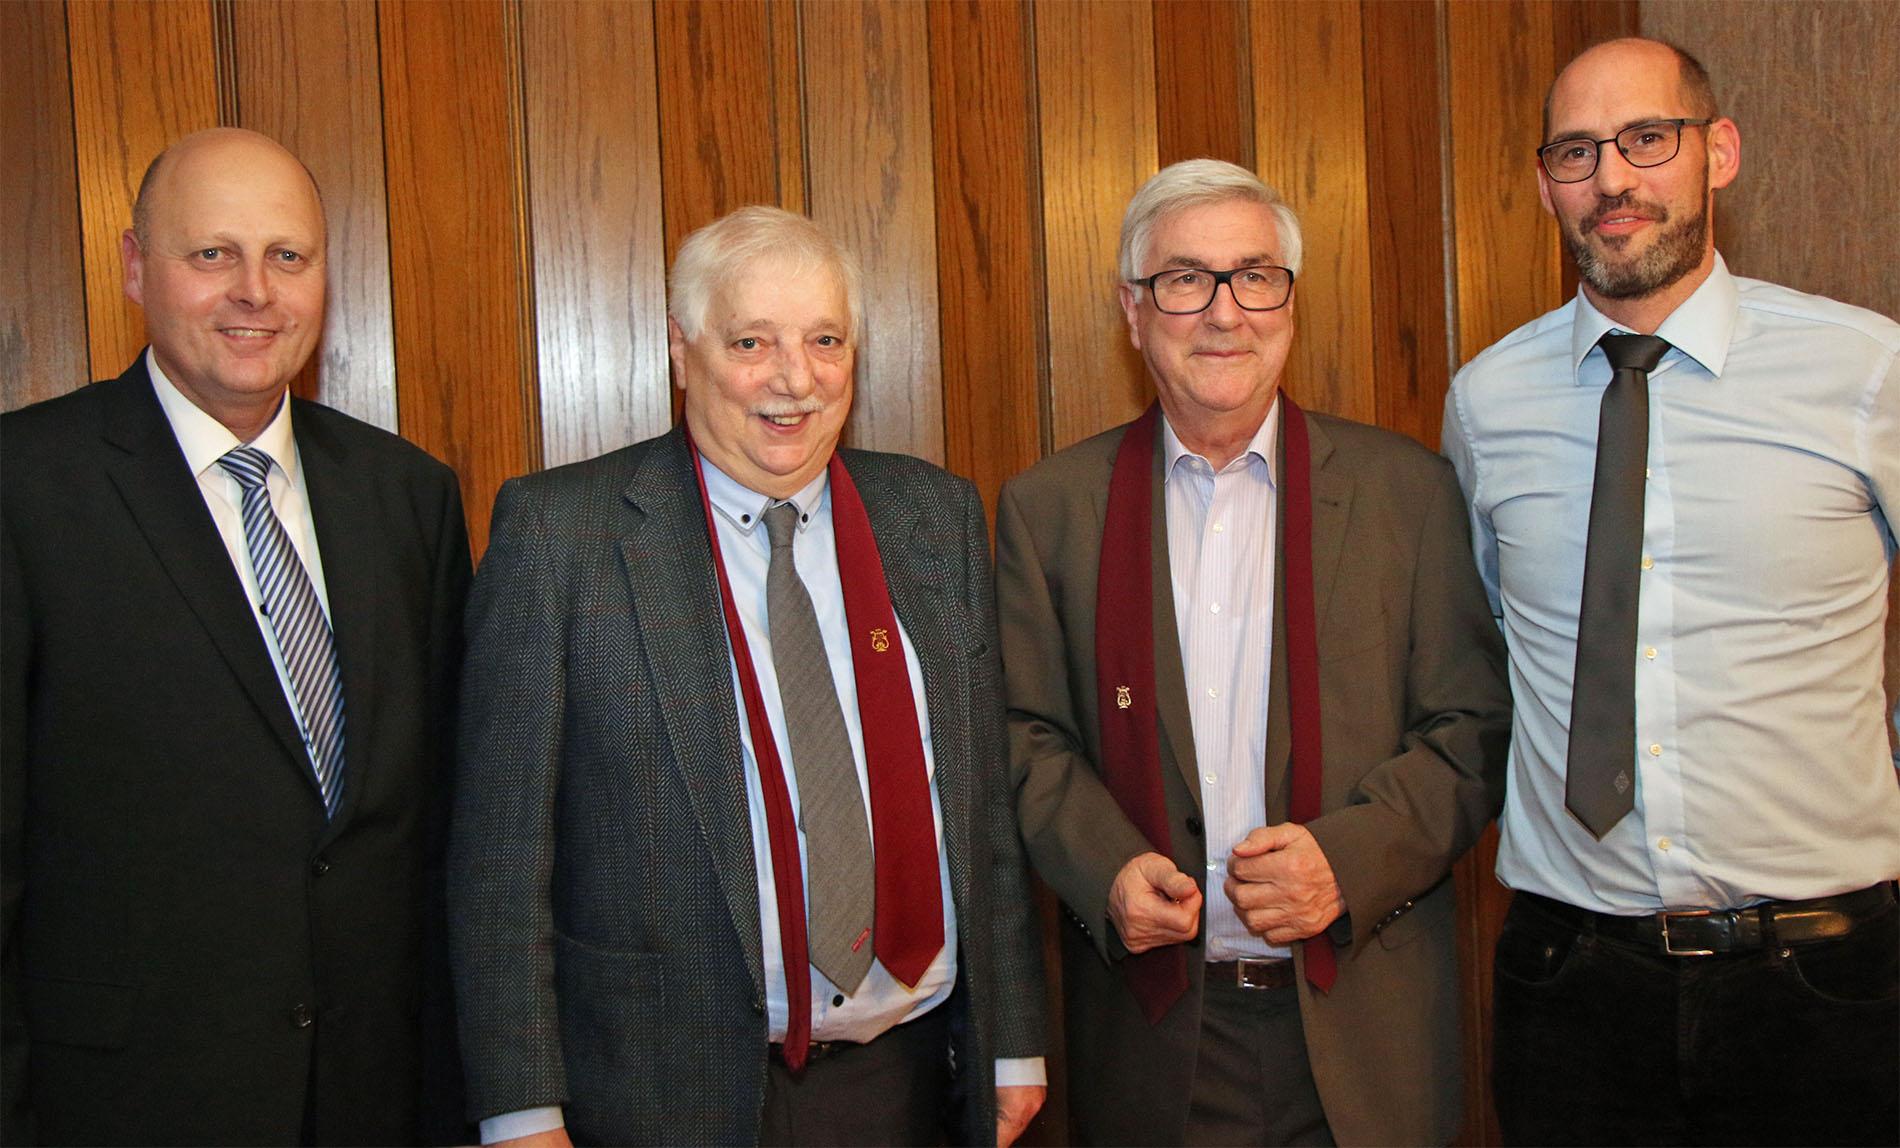 Herbert Jobs (1. Tenor) und Willi Demond (2. Bass) aus der Kolpingstadt Kerpen fanden den Weg zu den Königshovener Chorproben und freuten sich somit auch, beim ersten Weihnachtssingen im Vereinslokal mit dabei zu sein und die Quartettverein-Insignien von MGV-Vorsitzendem Manfred Speuser zu erhalten. (Fotos: Bastian Schößer)